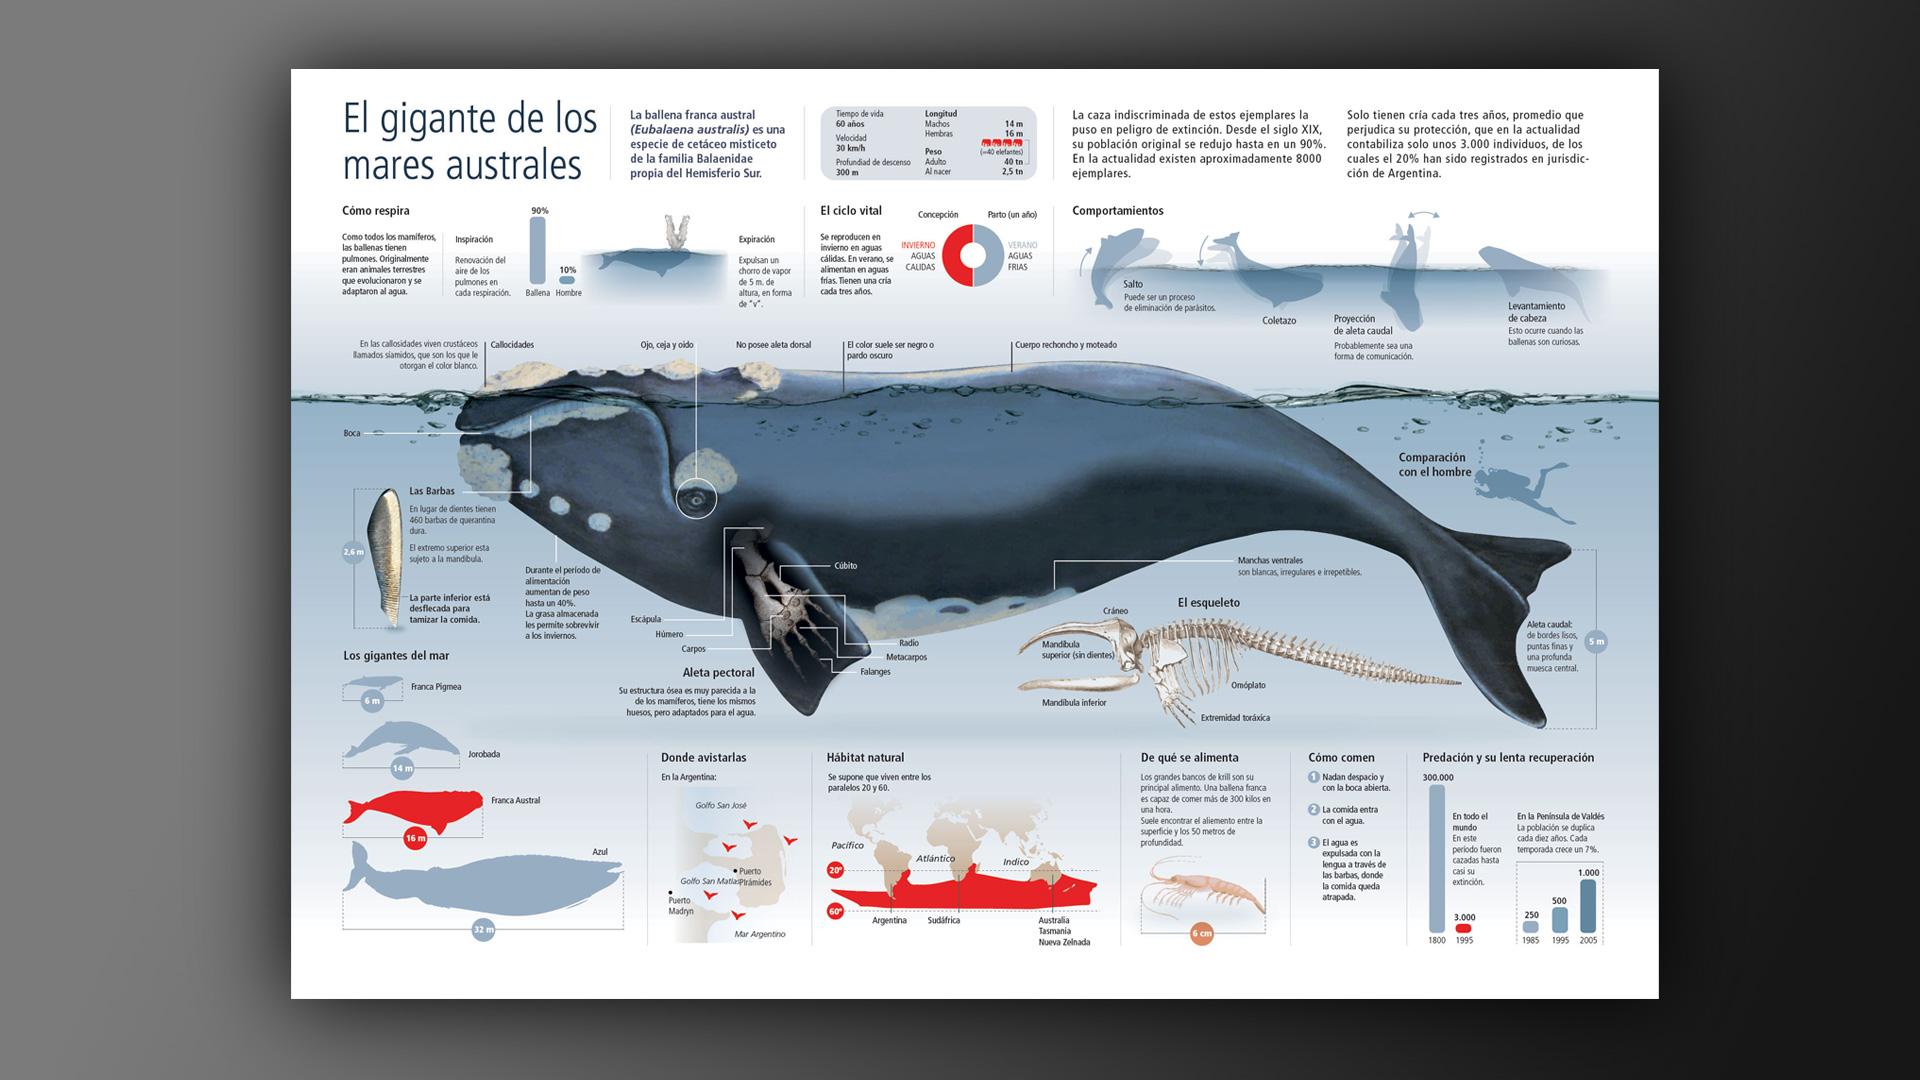 Encantador Diagrama De La Anatomía De La Ballena Fotos - Imágenes de ...